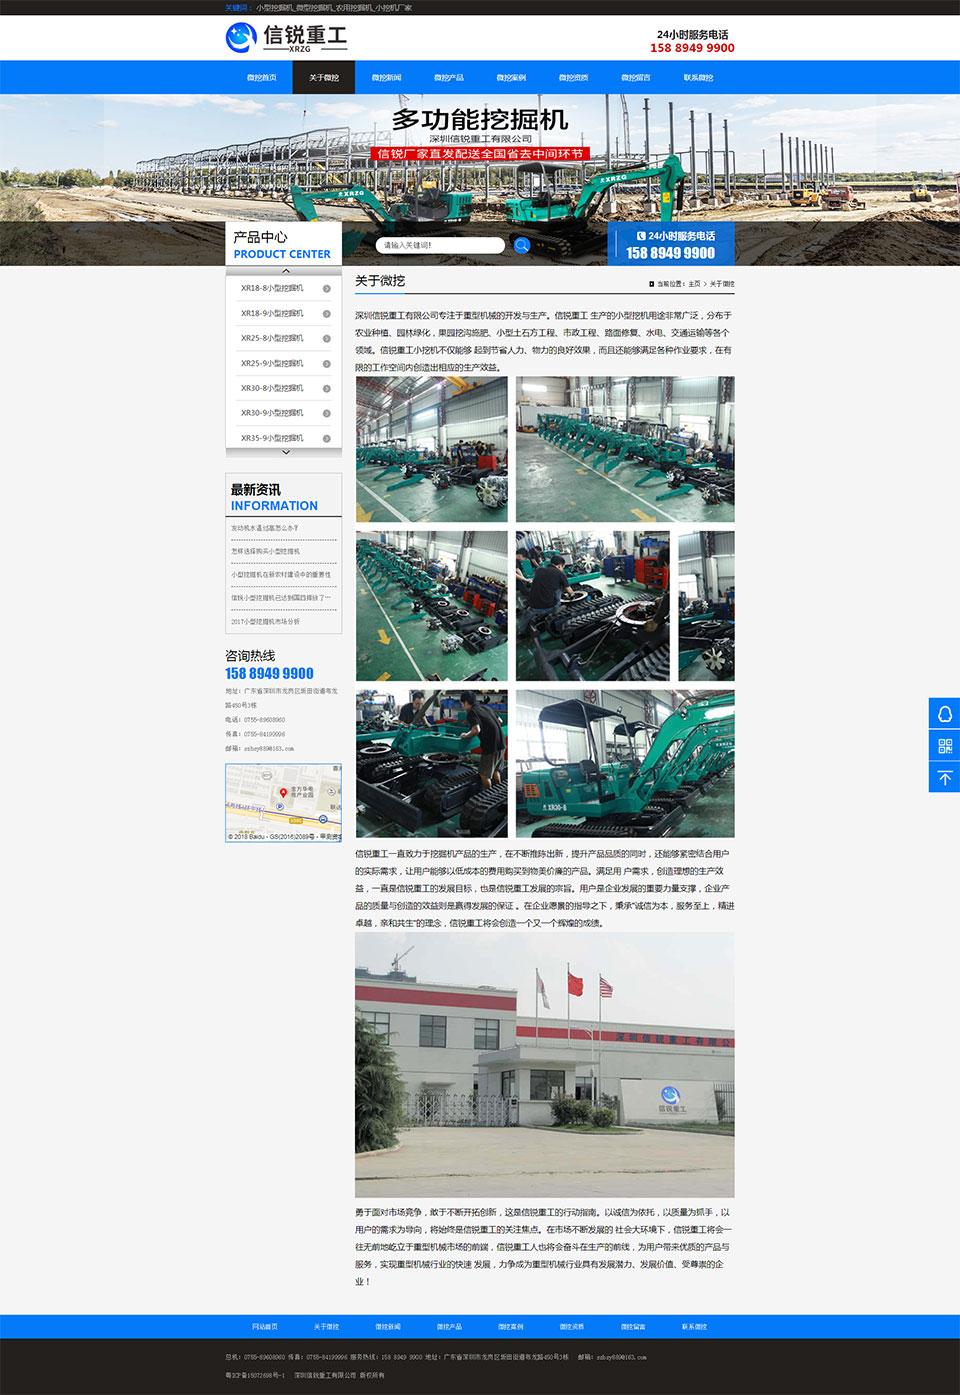 关于微挖_小型挖掘机_微型挖掘机_小挖机厂家——深圳信锐重工有限公司1.jpg